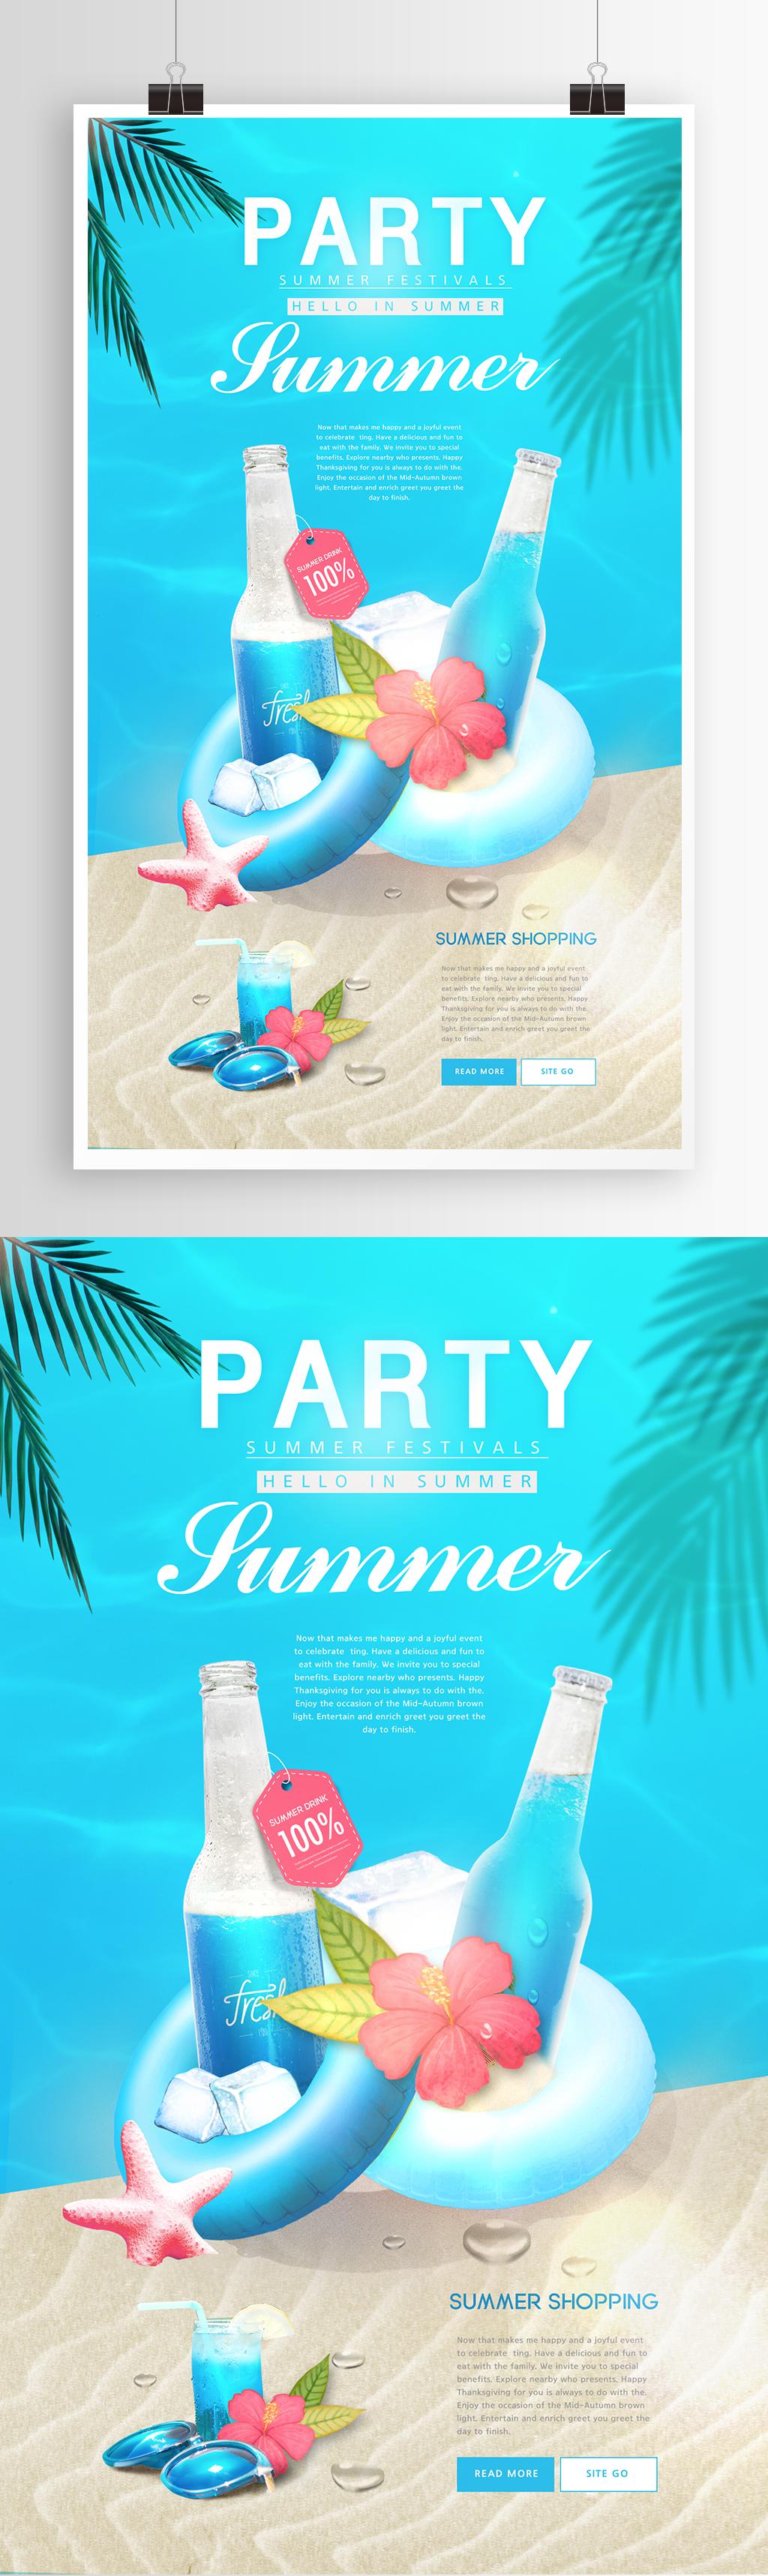 小清新海滩沙滩饮料产品促销海报psd